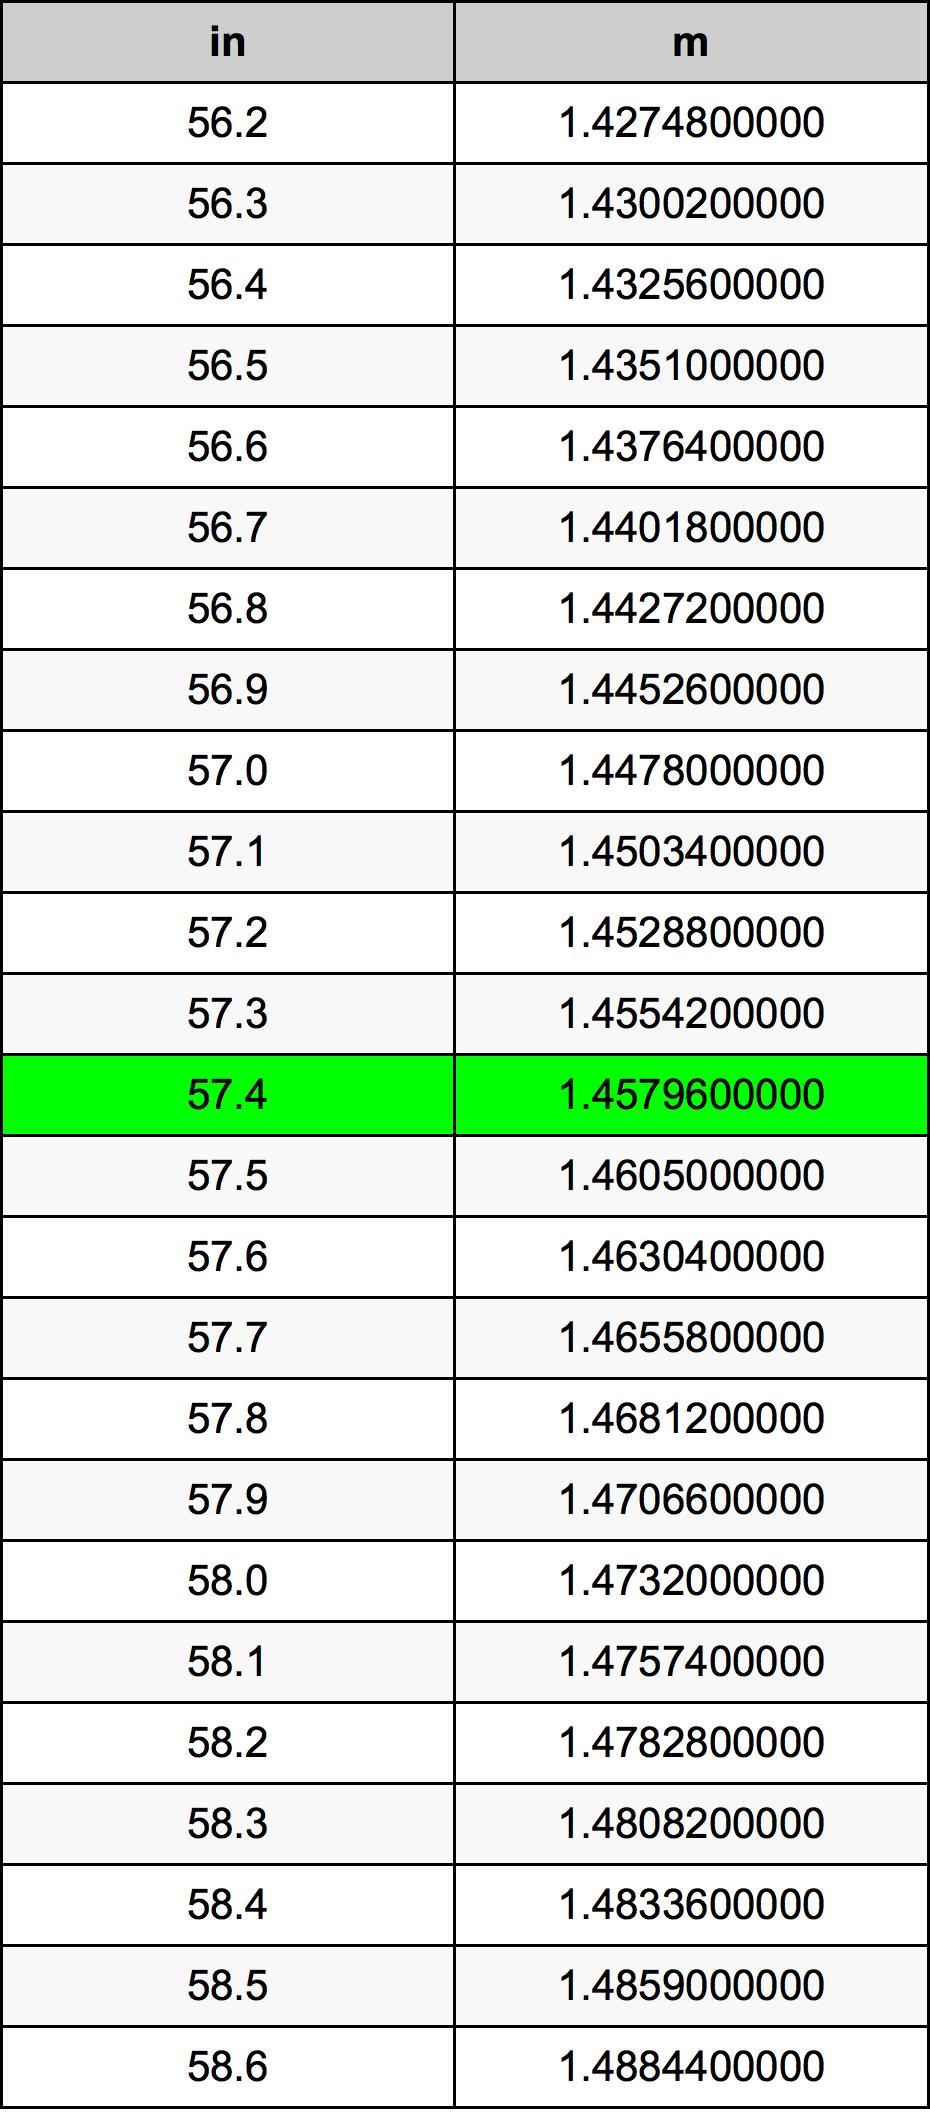 57.4 Țol tabelul de conversie